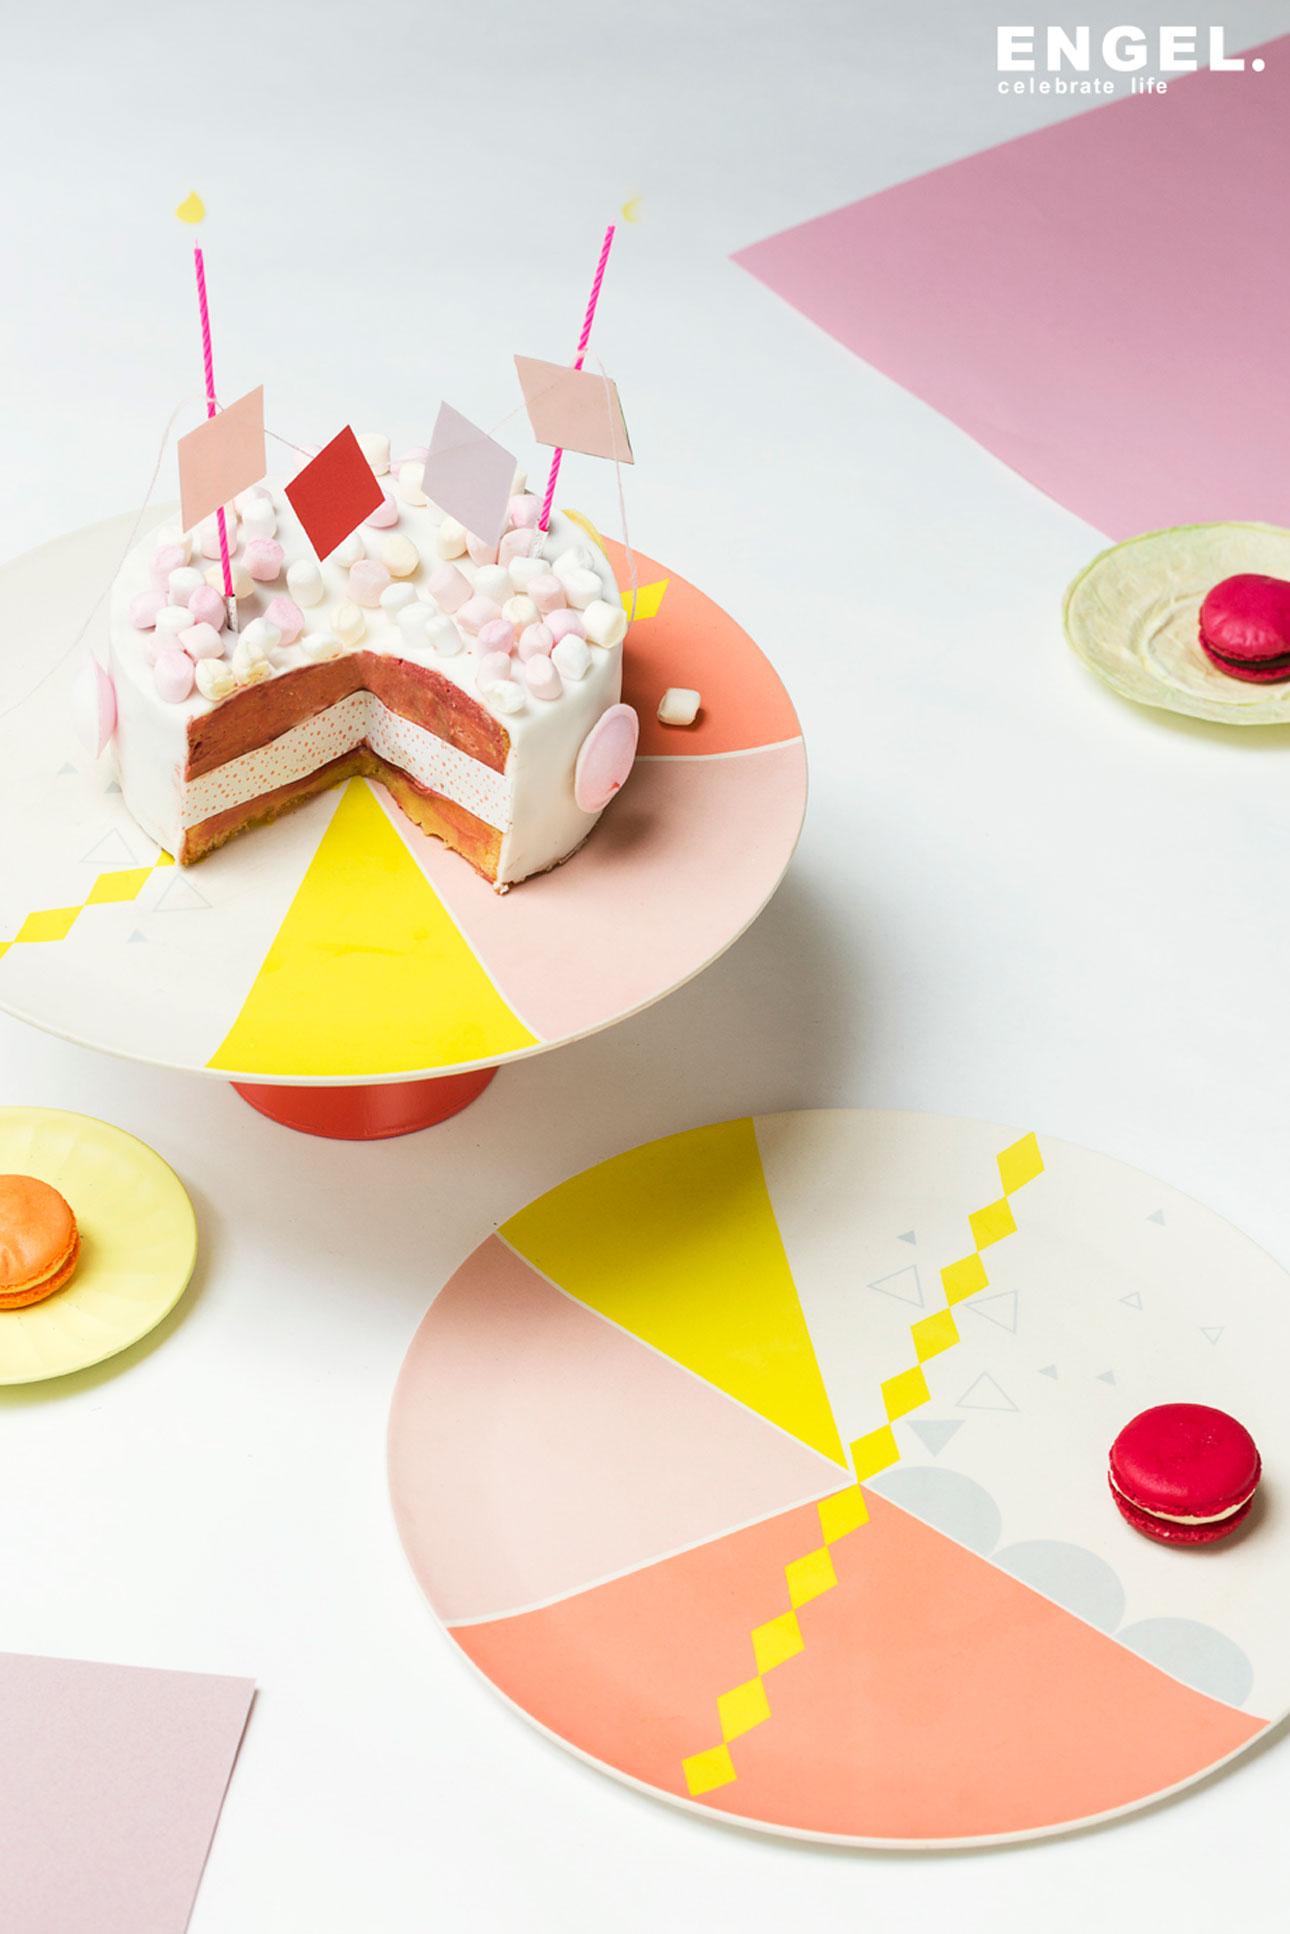 engelpunt bamboe servies cake plate engelpunt